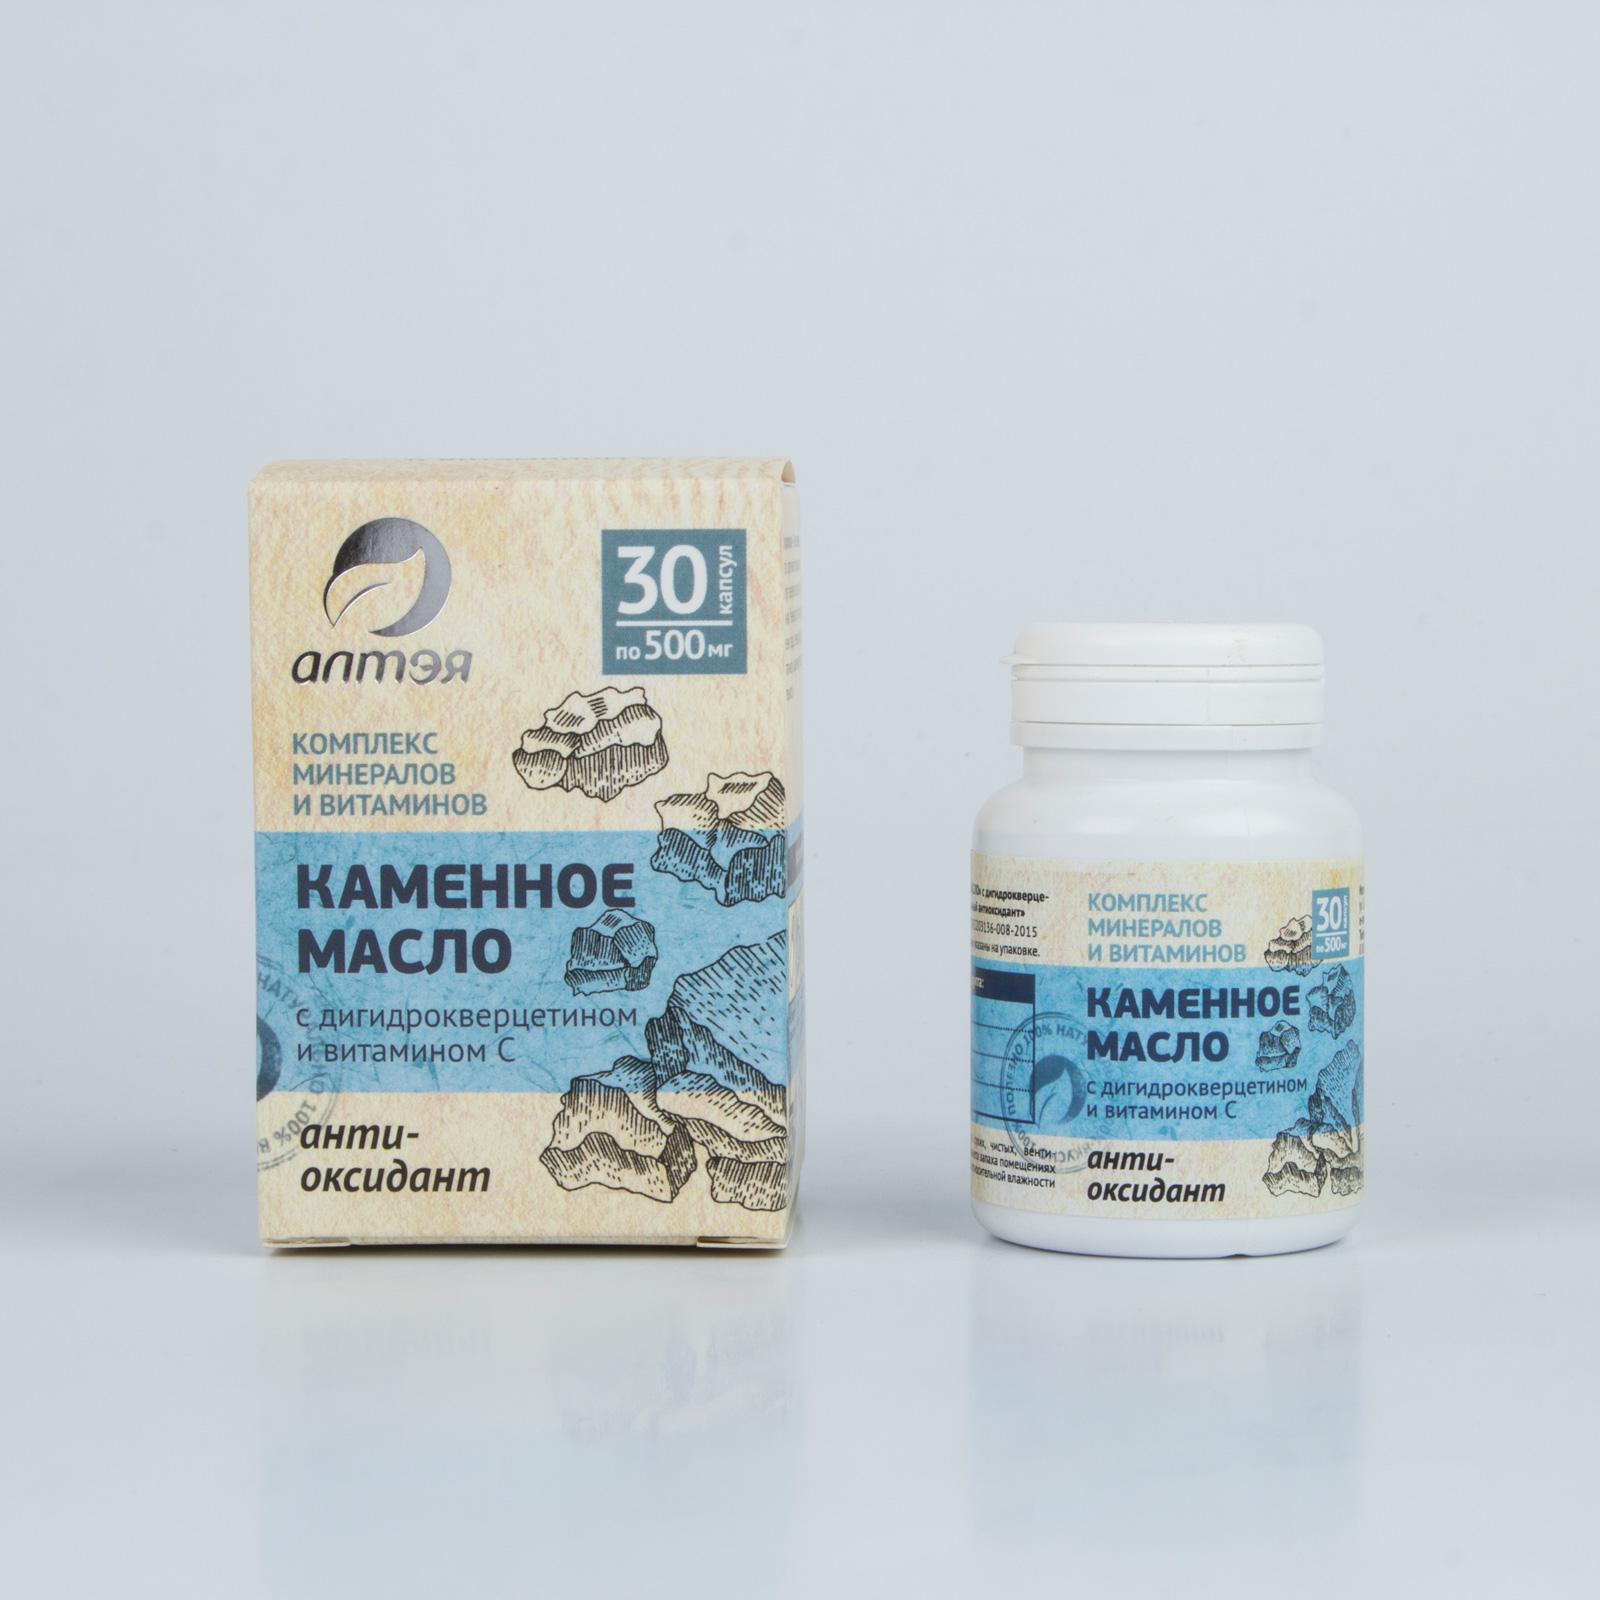 Каменное масло с дигидрокверцетином и витамином С «Антиоксидант»